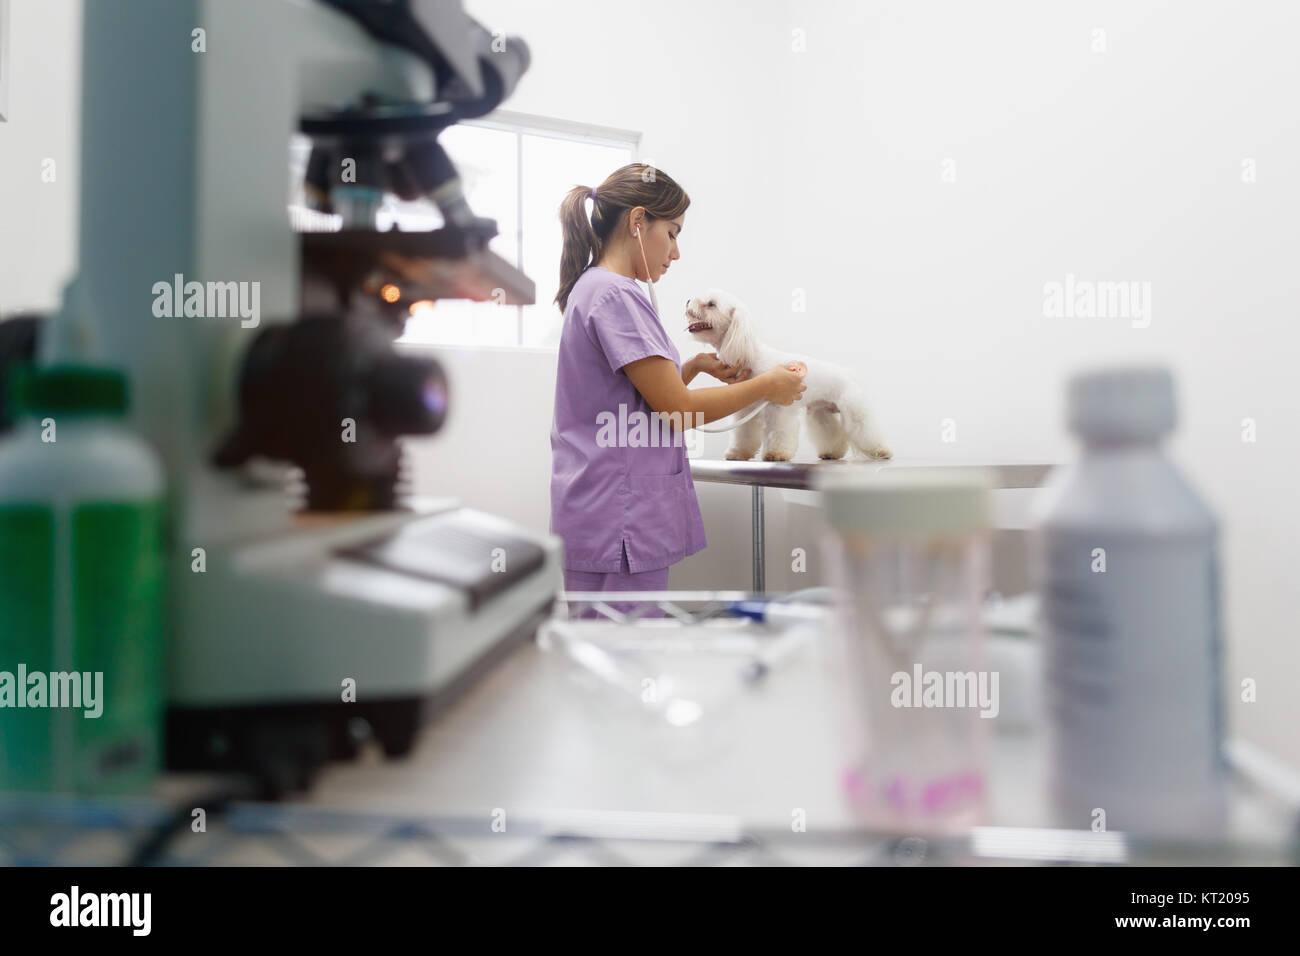 Jeune femme latina travailler comme vétérinaire, vétérinaire au cours de visite. Médecin des animaux malades en pet dans une clinique et contrôle de chien cardiaque. Les gens, emploi, professi Banque D'Images